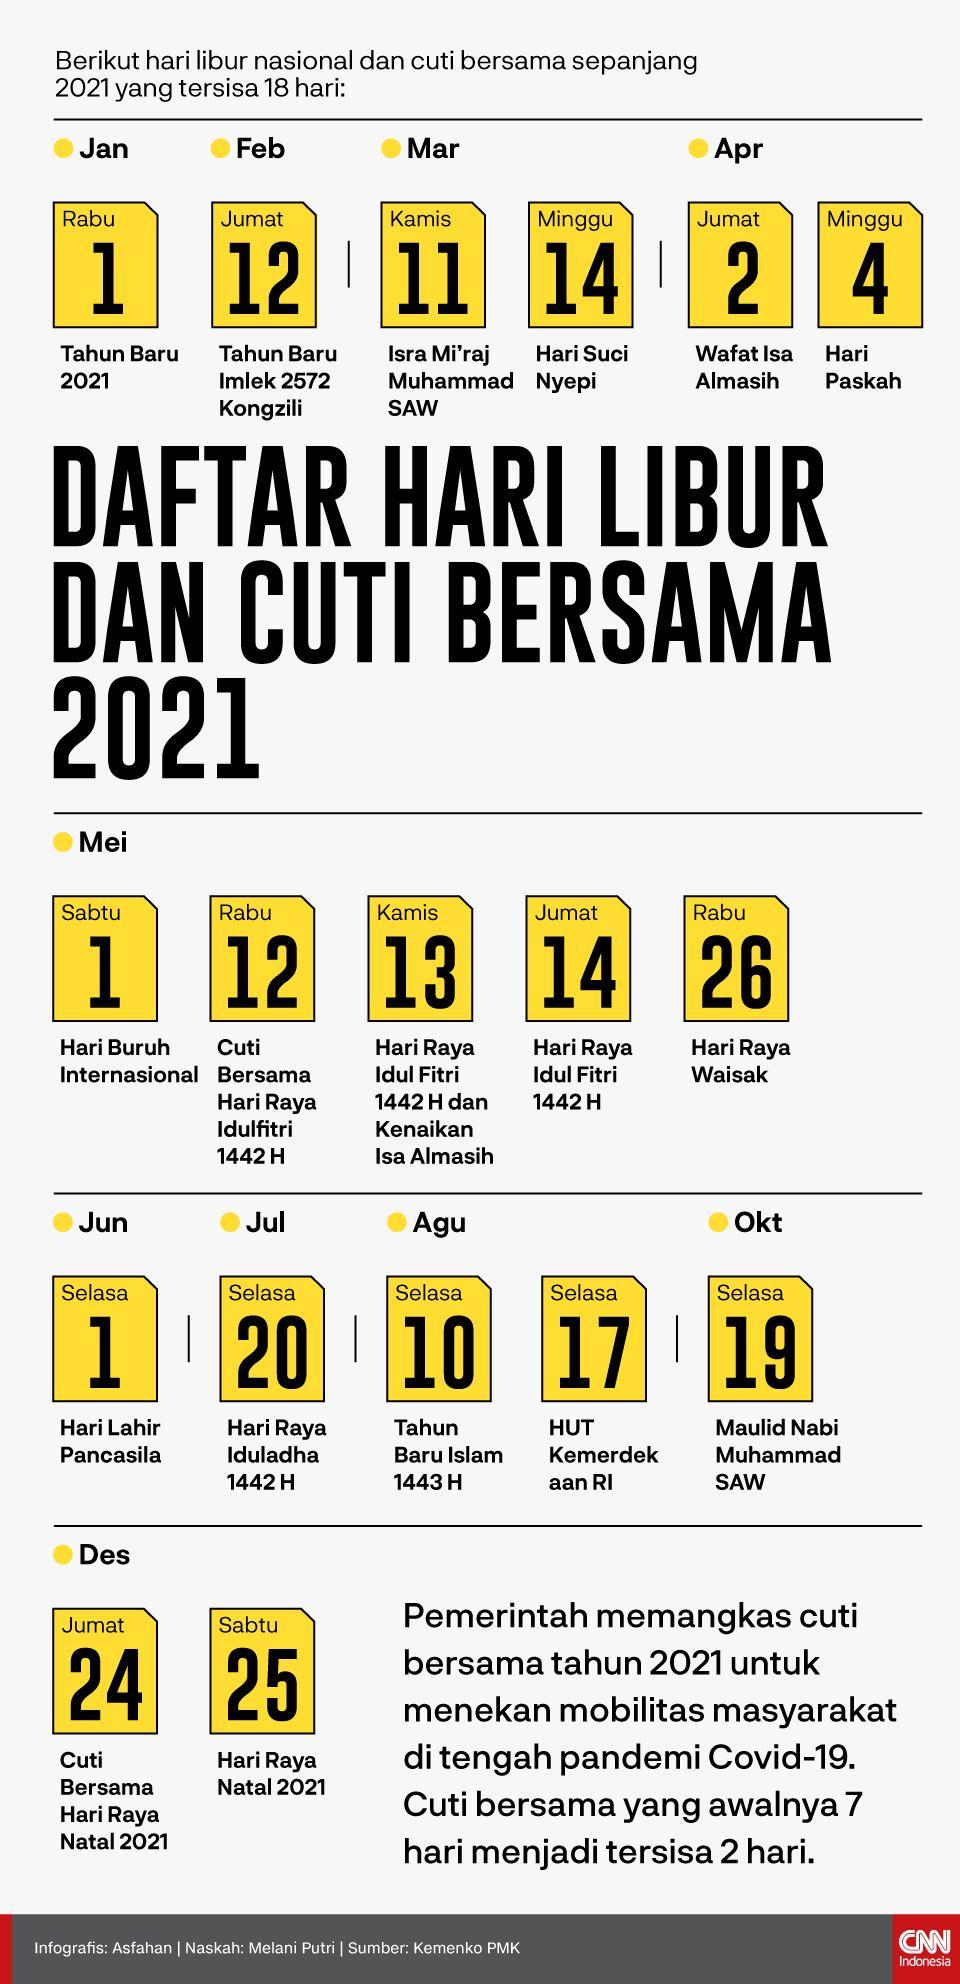 Infografis Daftar Hari Libur dan Cuti Bersama 2021